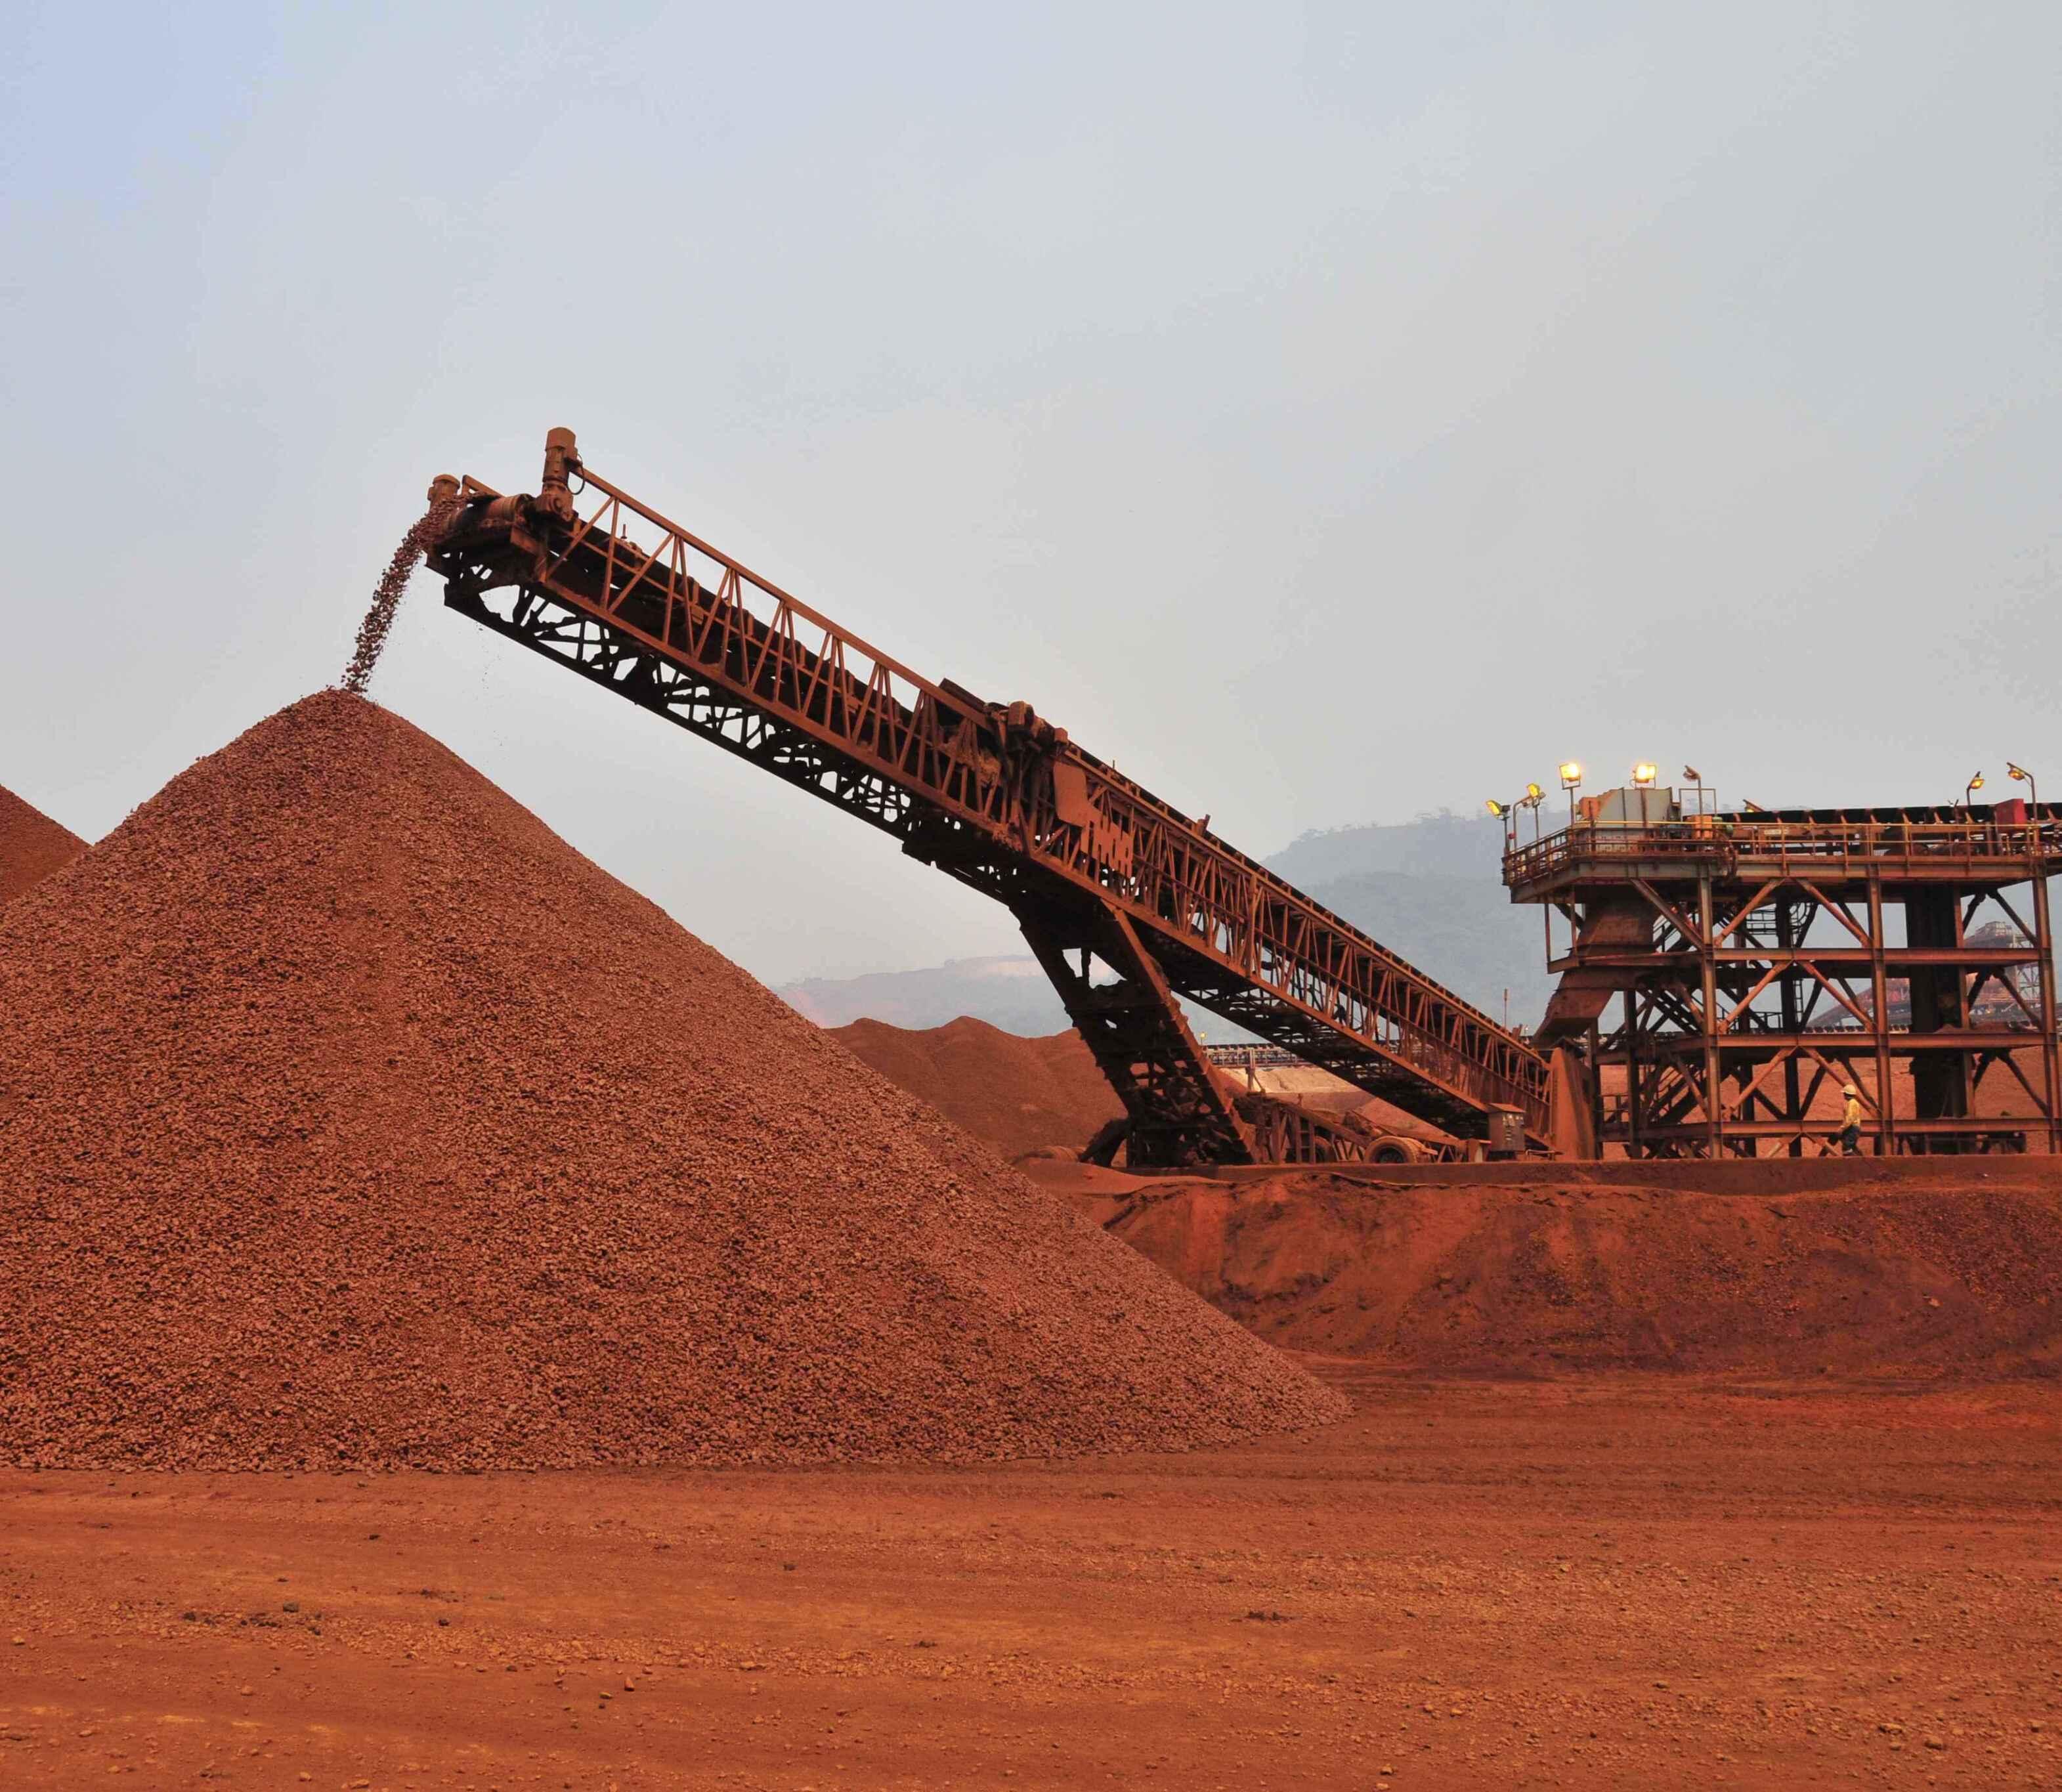 澳大利亚铁矿厂  司机